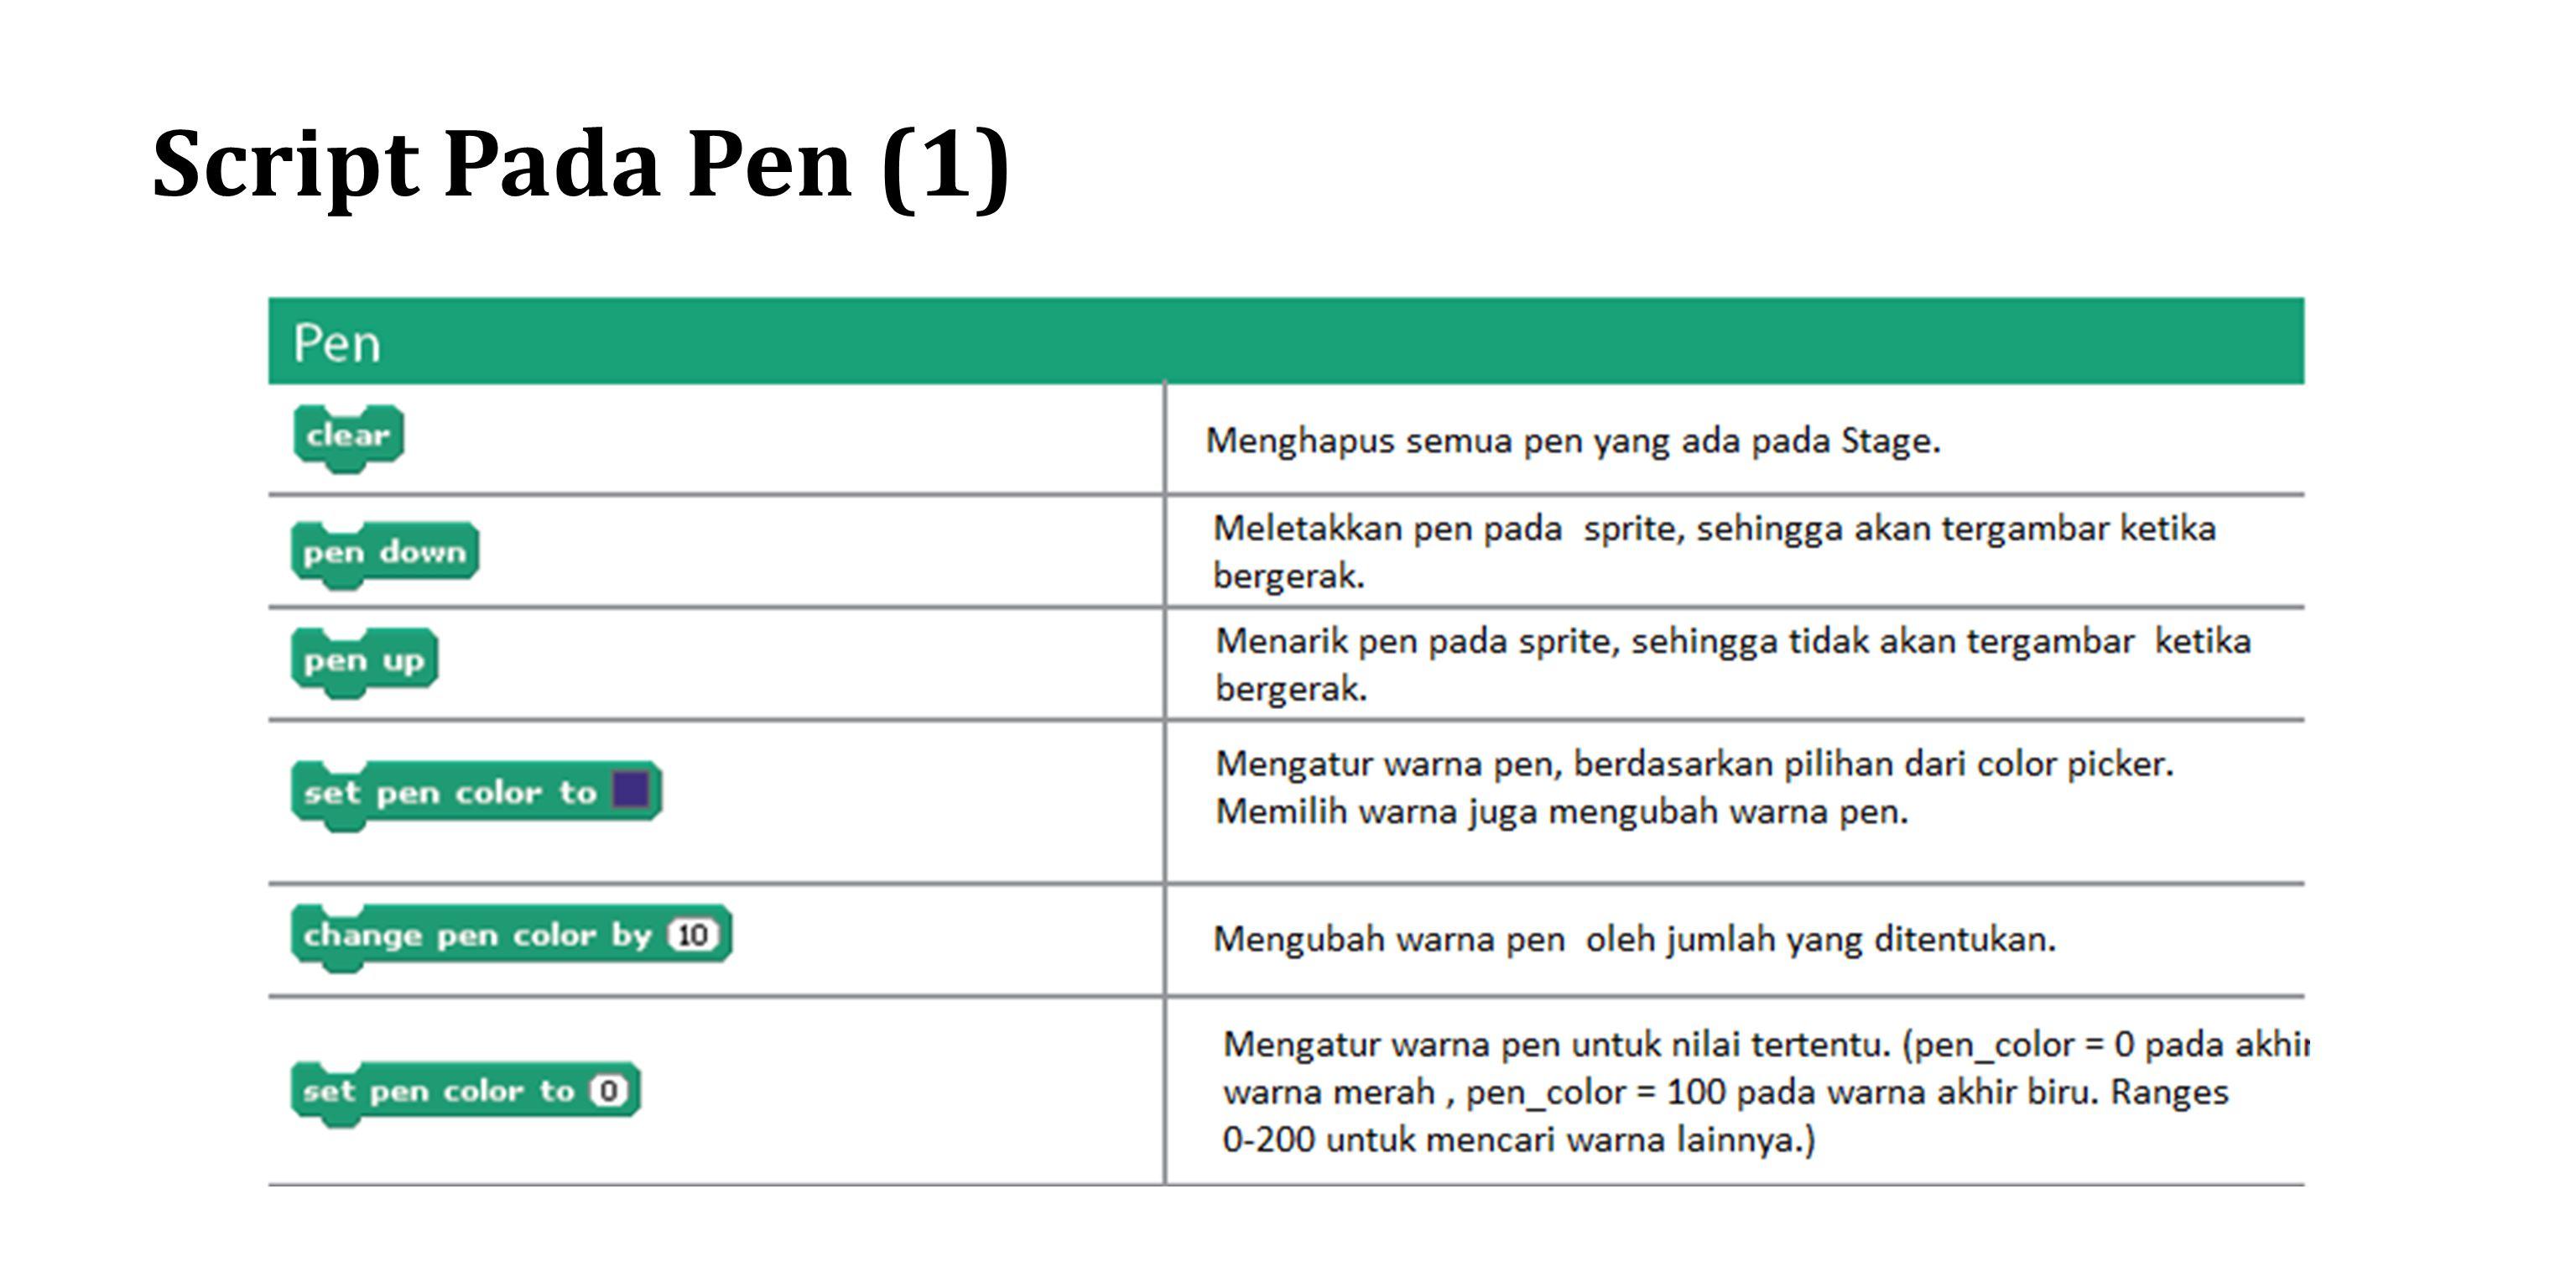 Script Pada Pen (1)